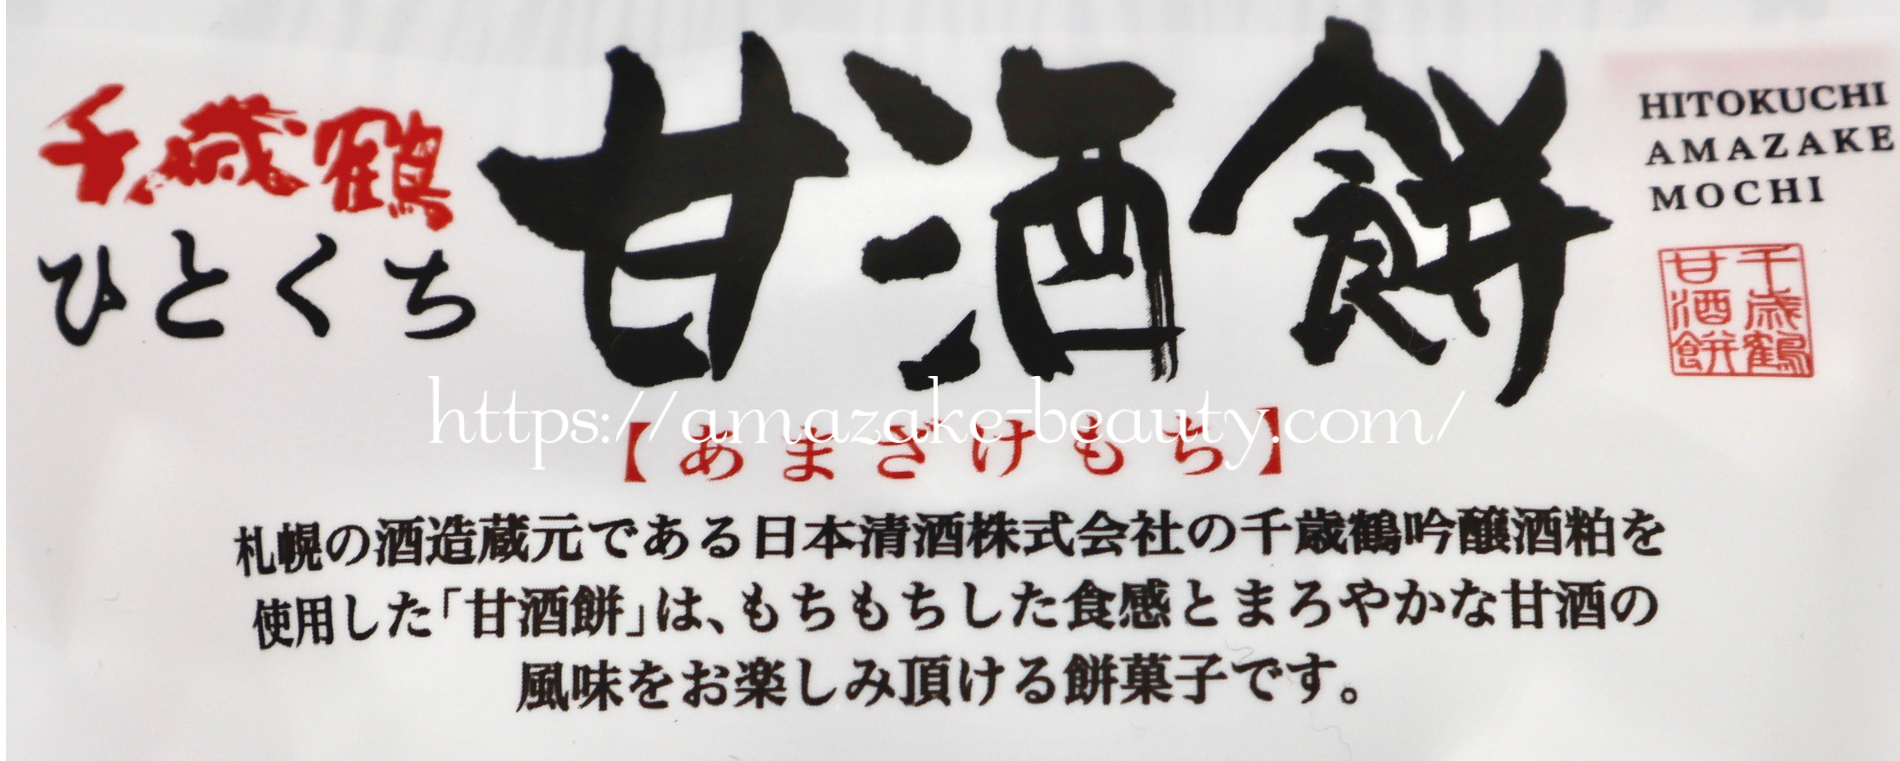 [amazake sweets]tengudou[hitokuchi amazake mochi](description)